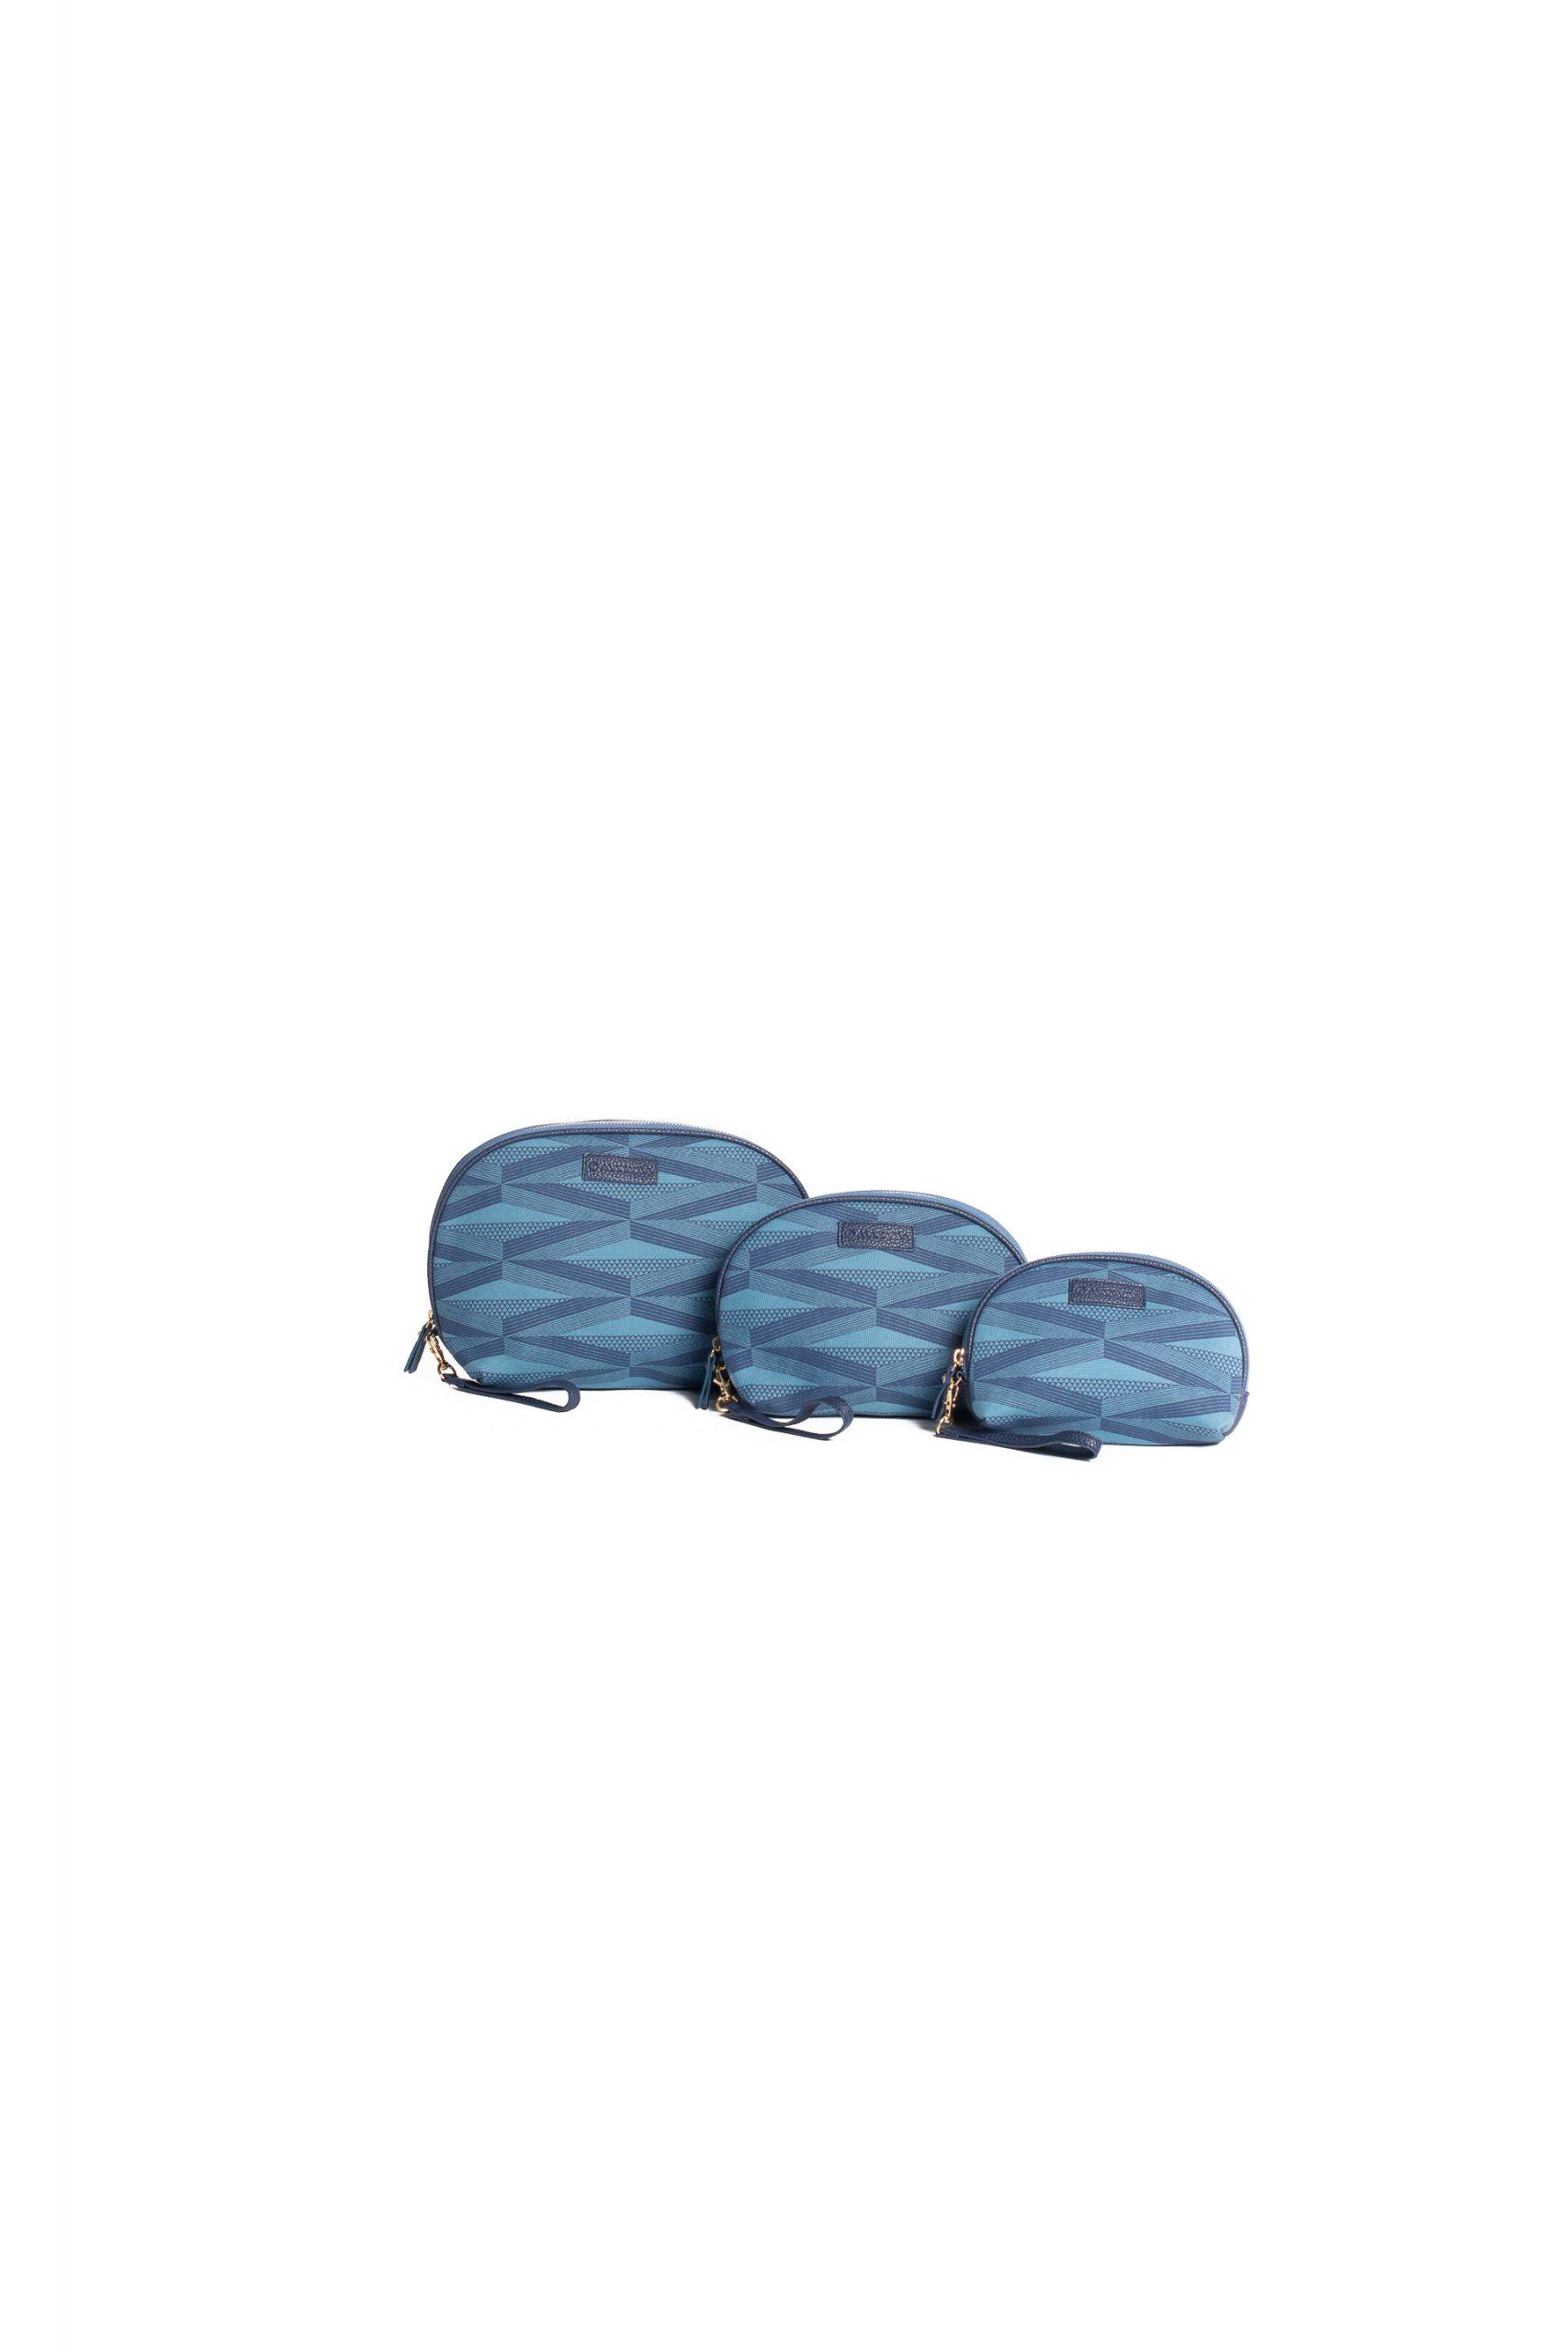 Kanaloa Half Moon Clutch Set in Blue